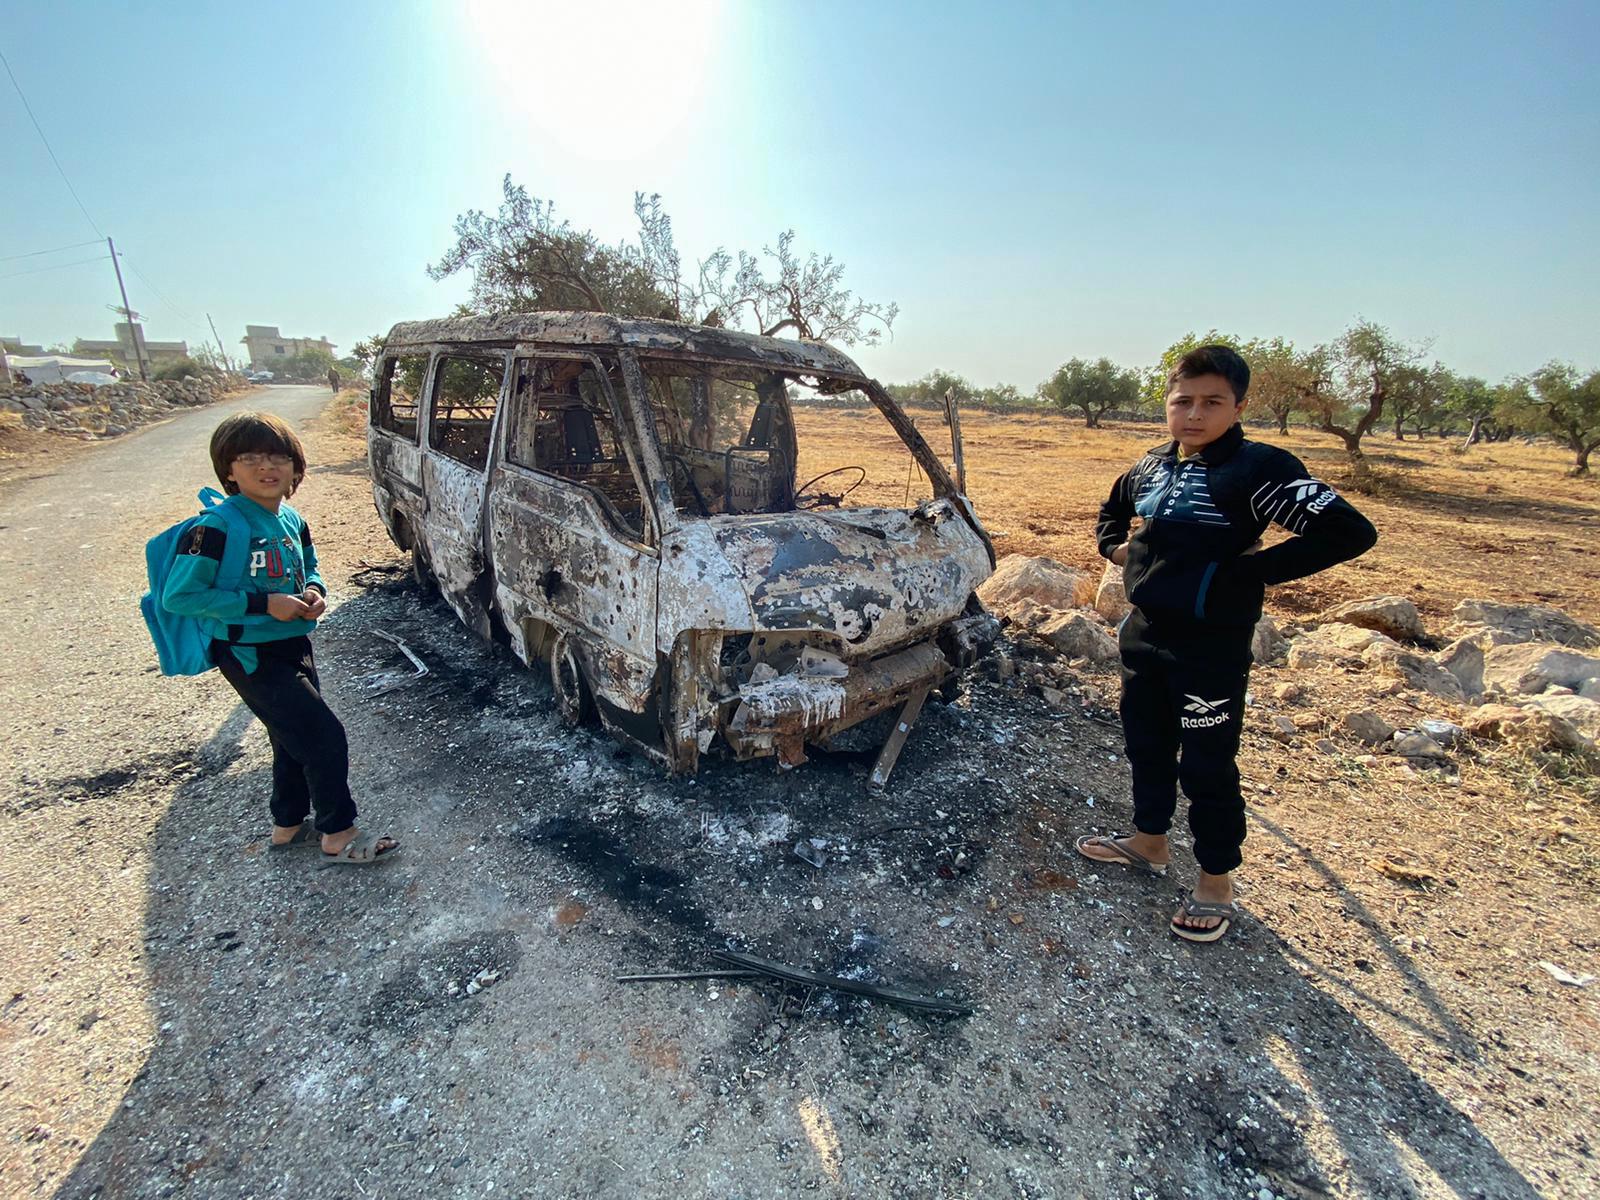 سيار محترقة في الموقع الذي استهدفته المروحيات الأميركية بقرية باريشا - صباح 27 أكتوبر 2019